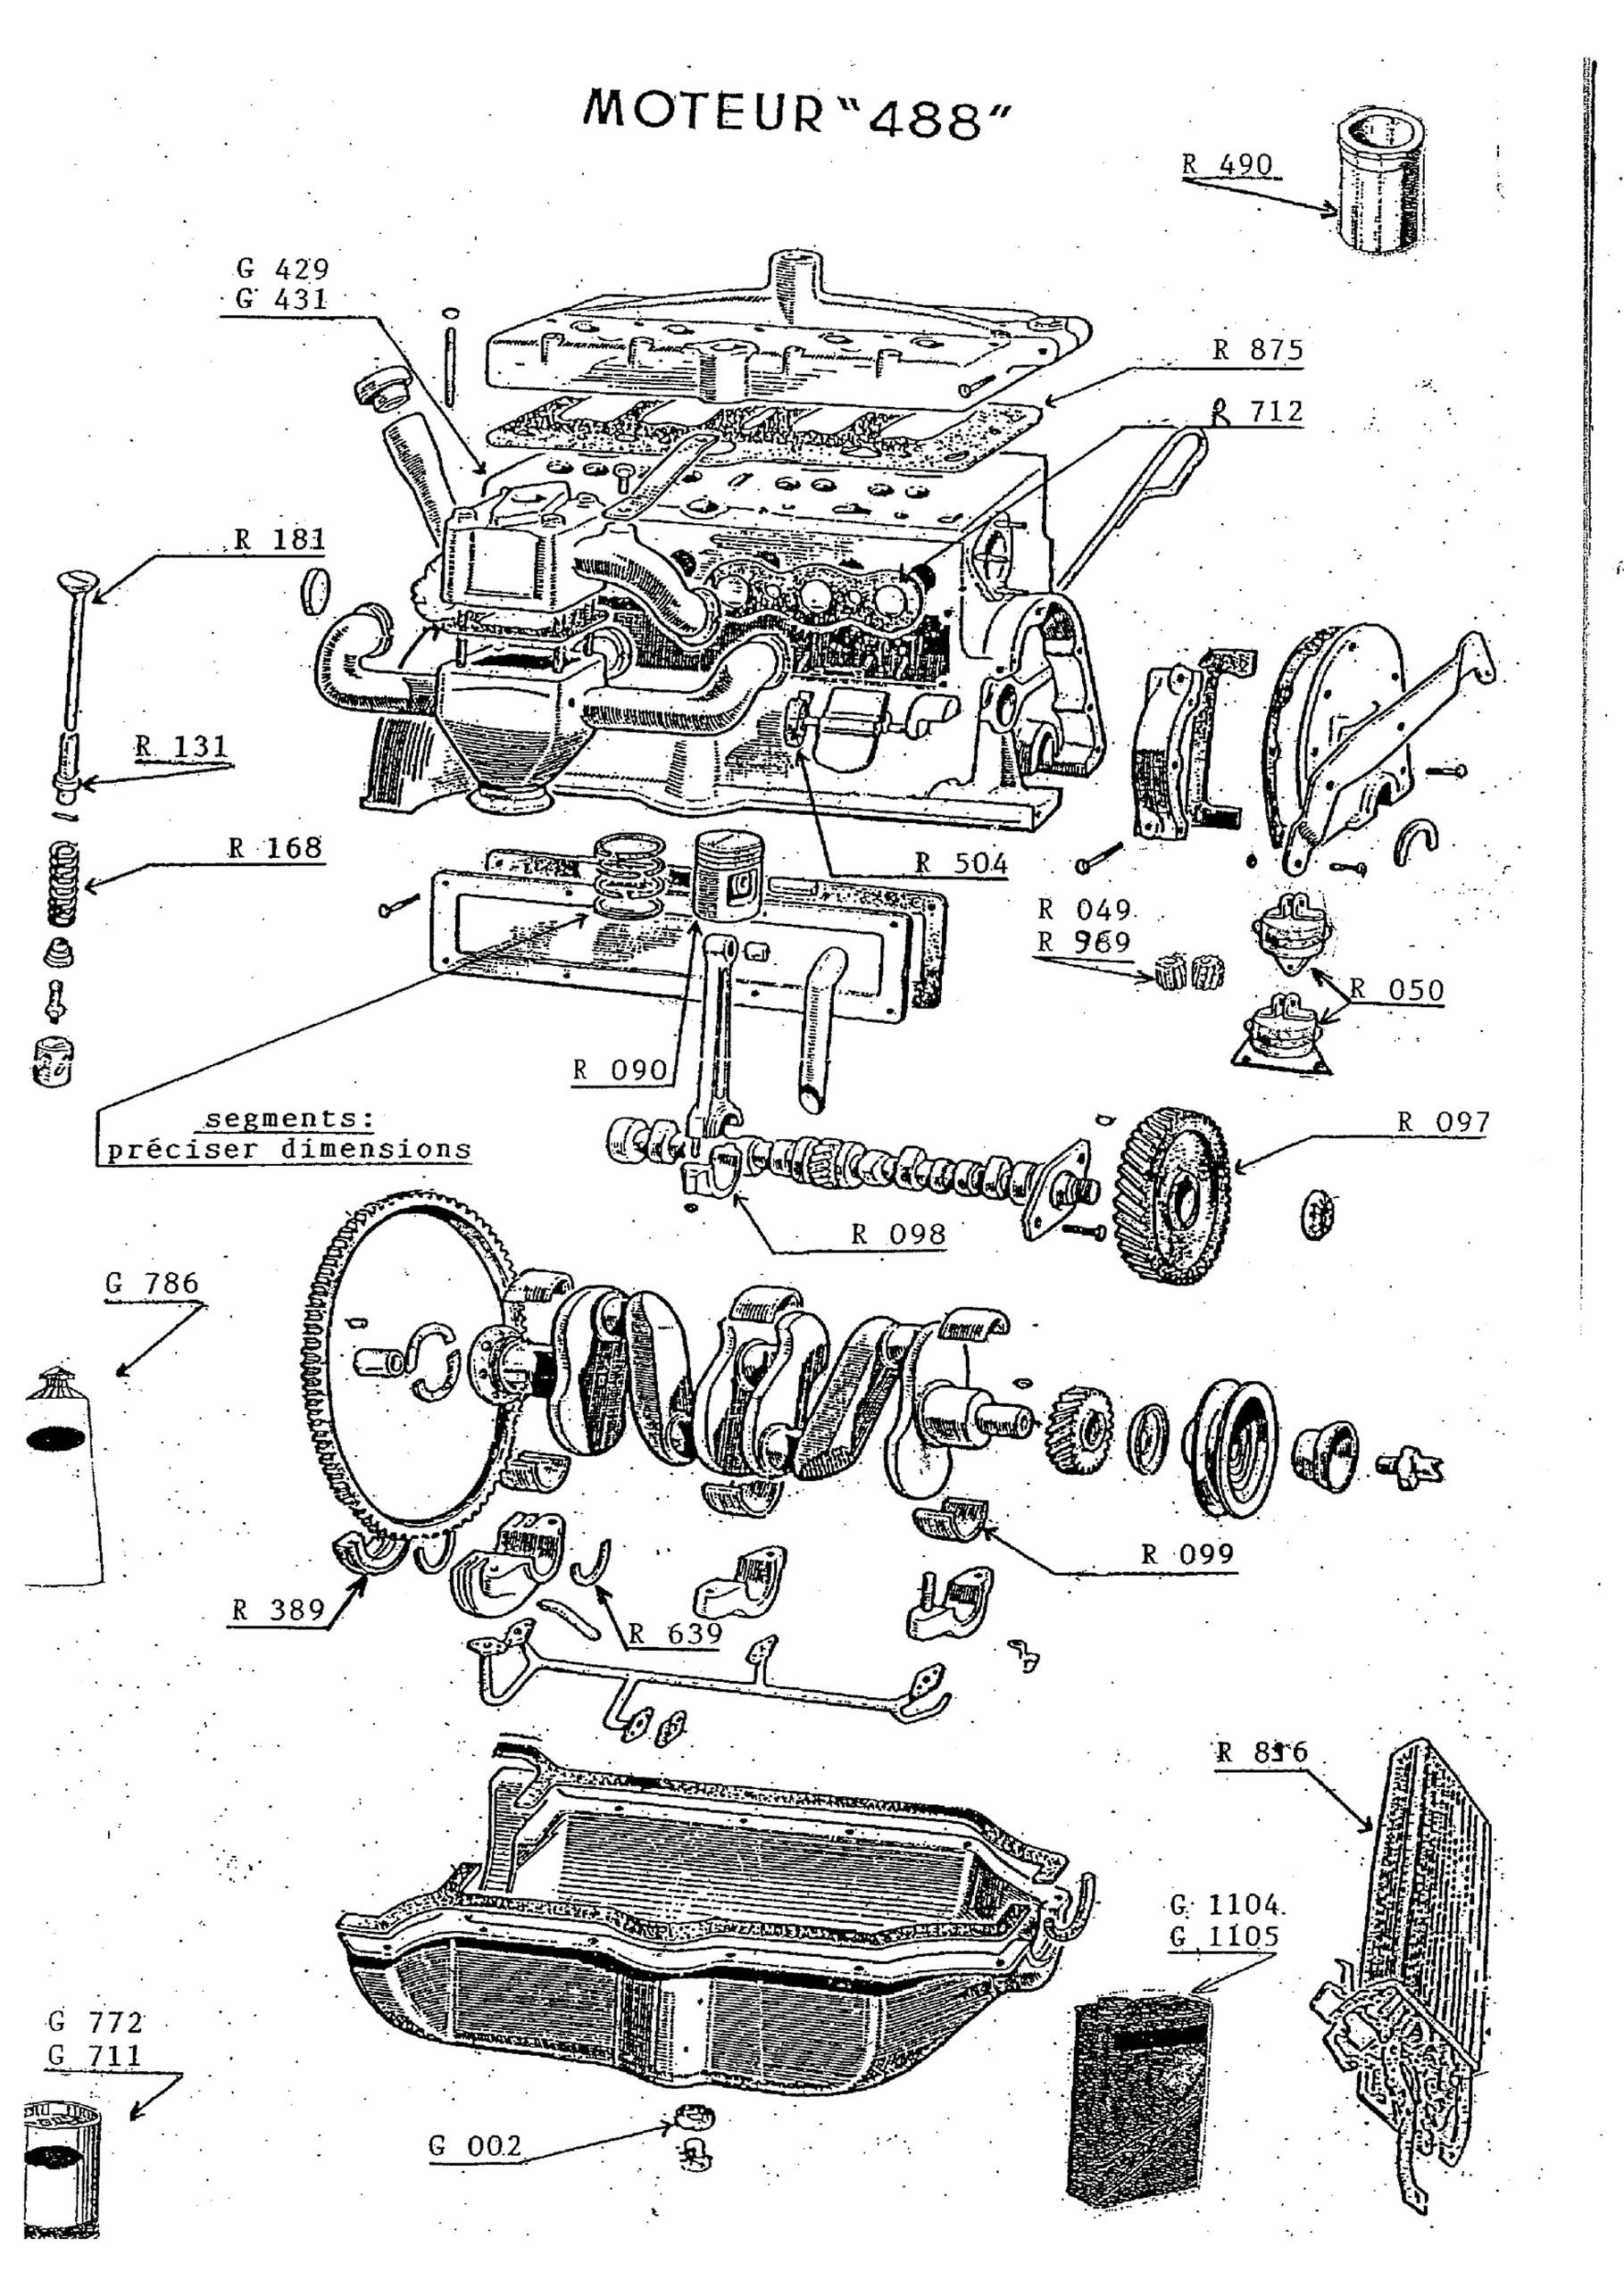 moteur 488